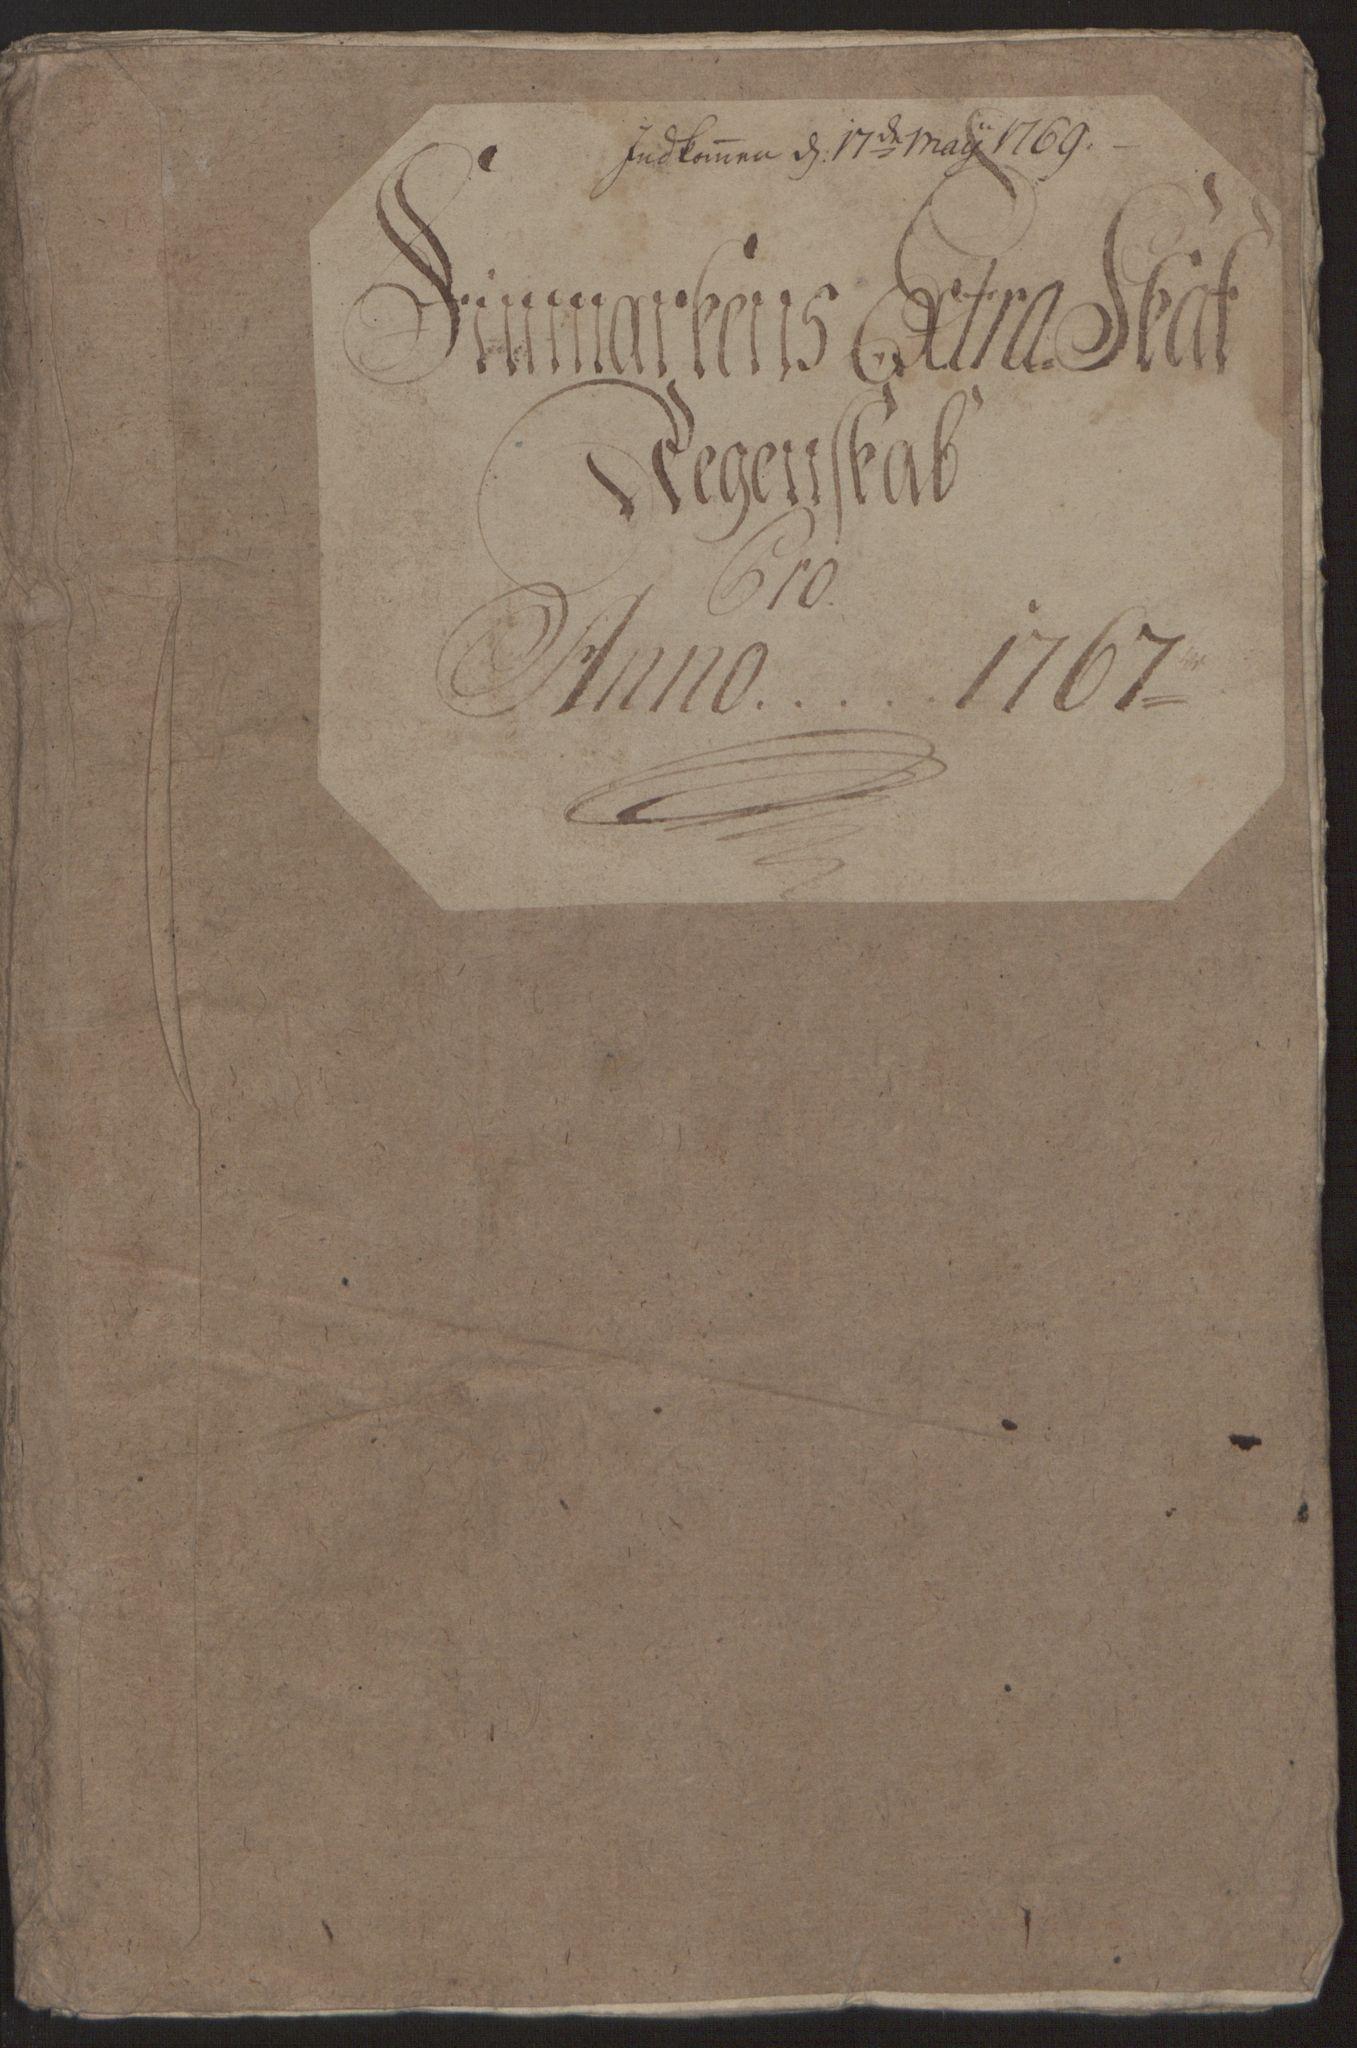 RA, Rentekammeret inntil 1814, Reviderte regnskaper, Fogderegnskap, R69/L4910: Ekstraskatten  Finnmark/Vardøhus, 1762-1772, s. 206